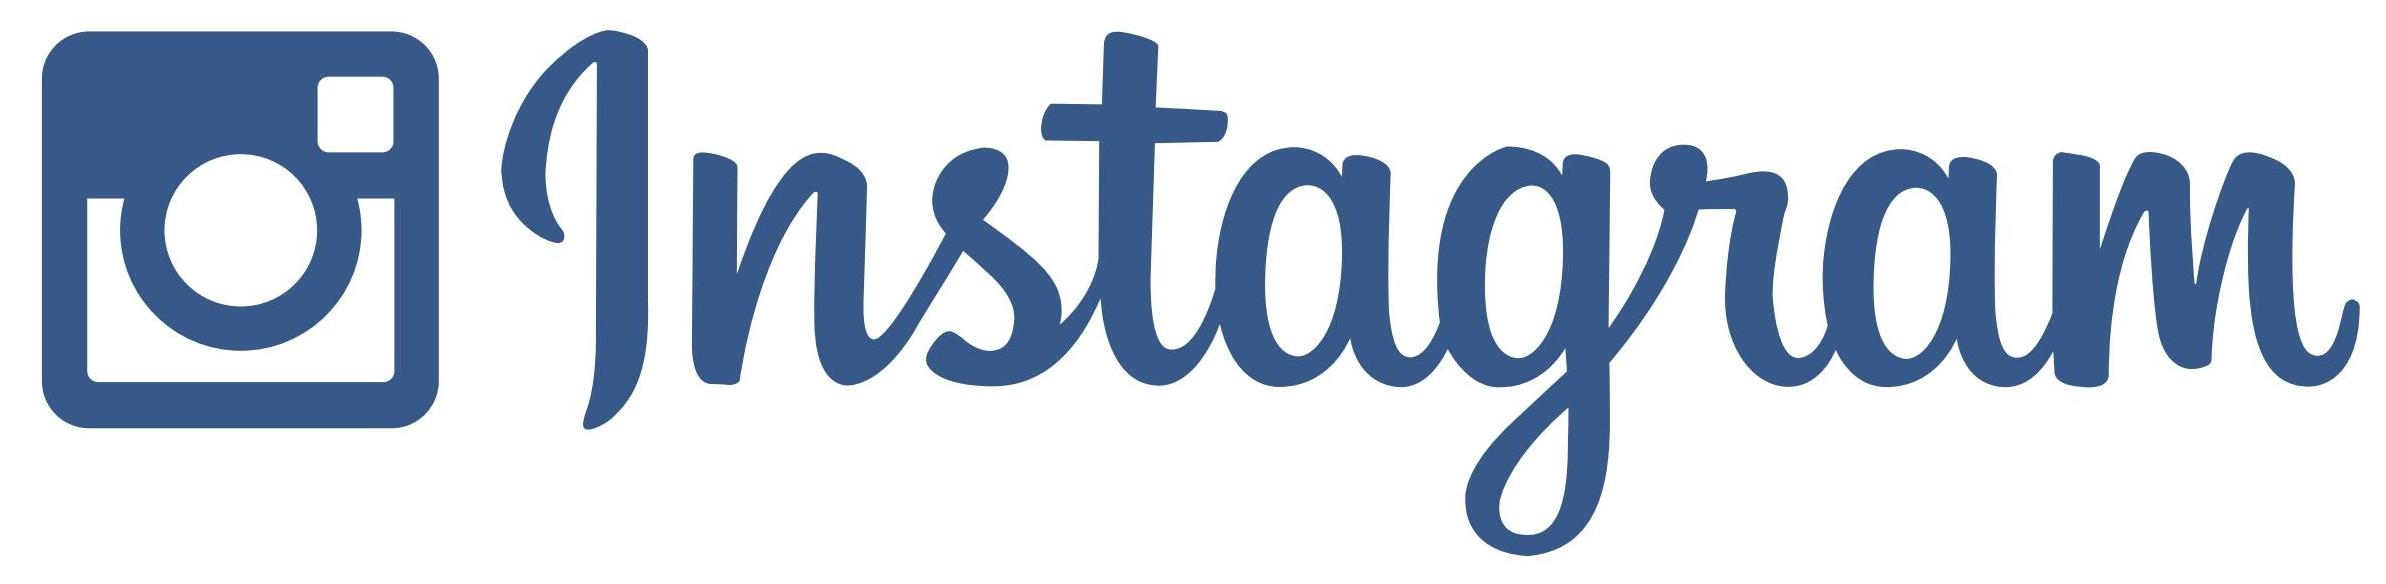 Инстаграм - регистрация в социальной сети